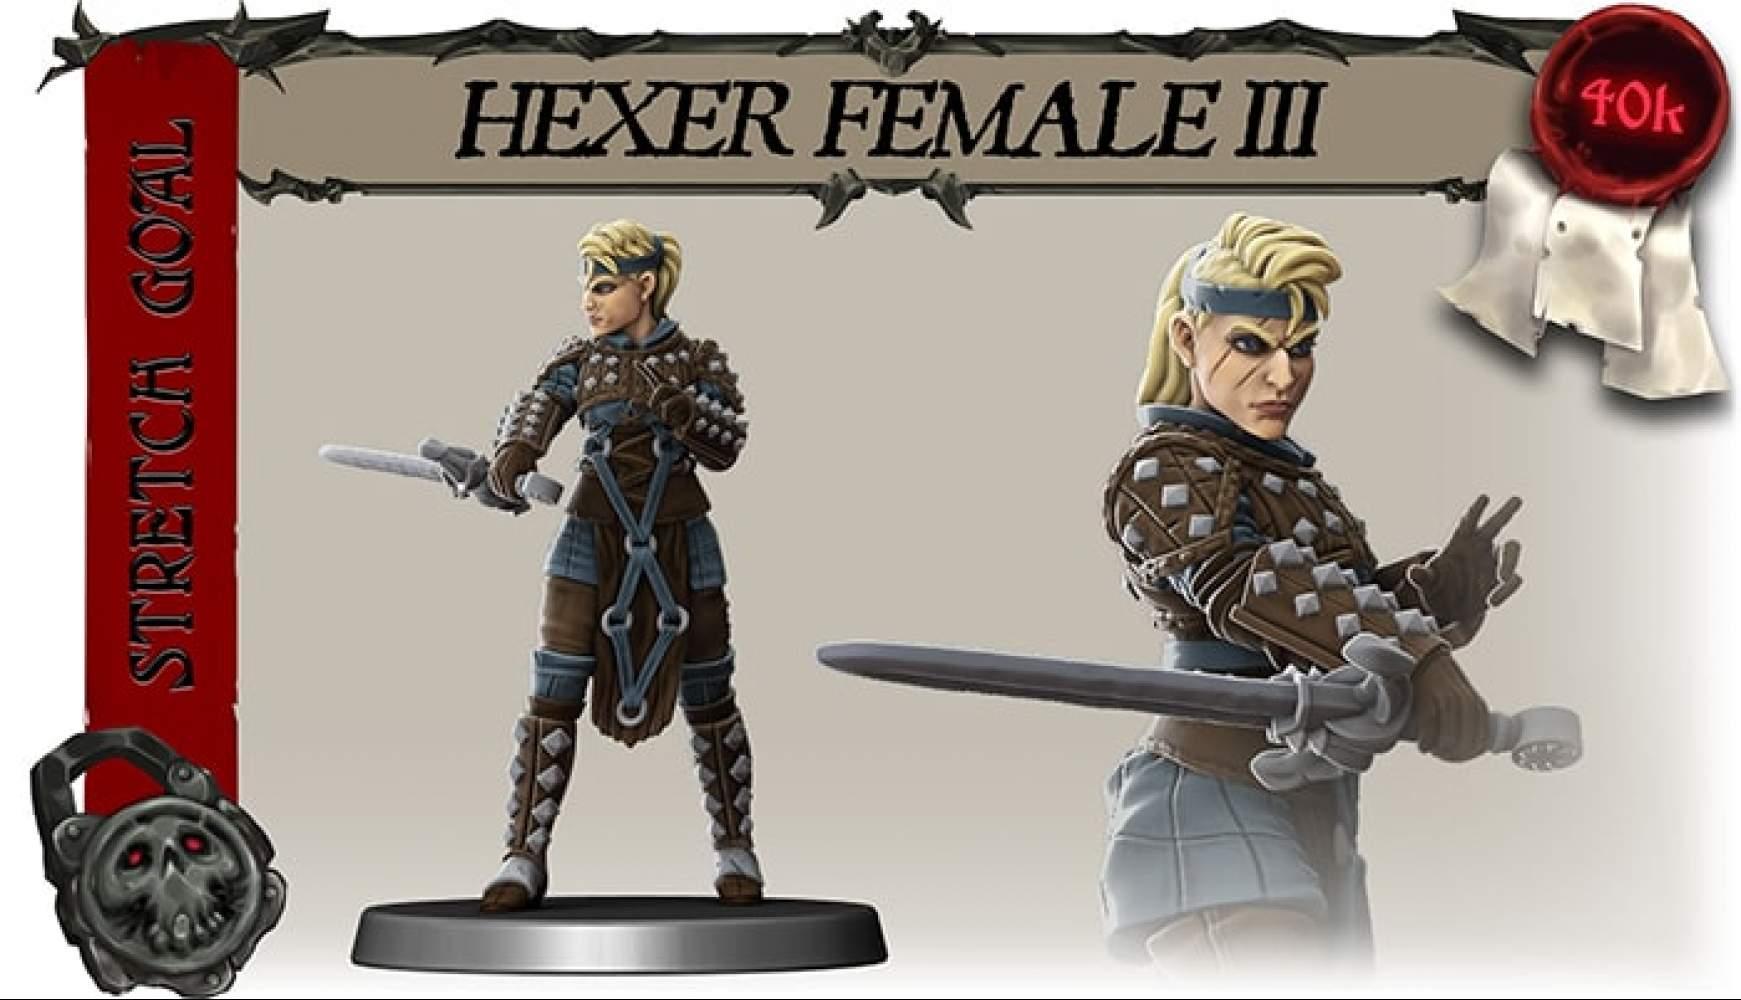 HEXER FEMALE III